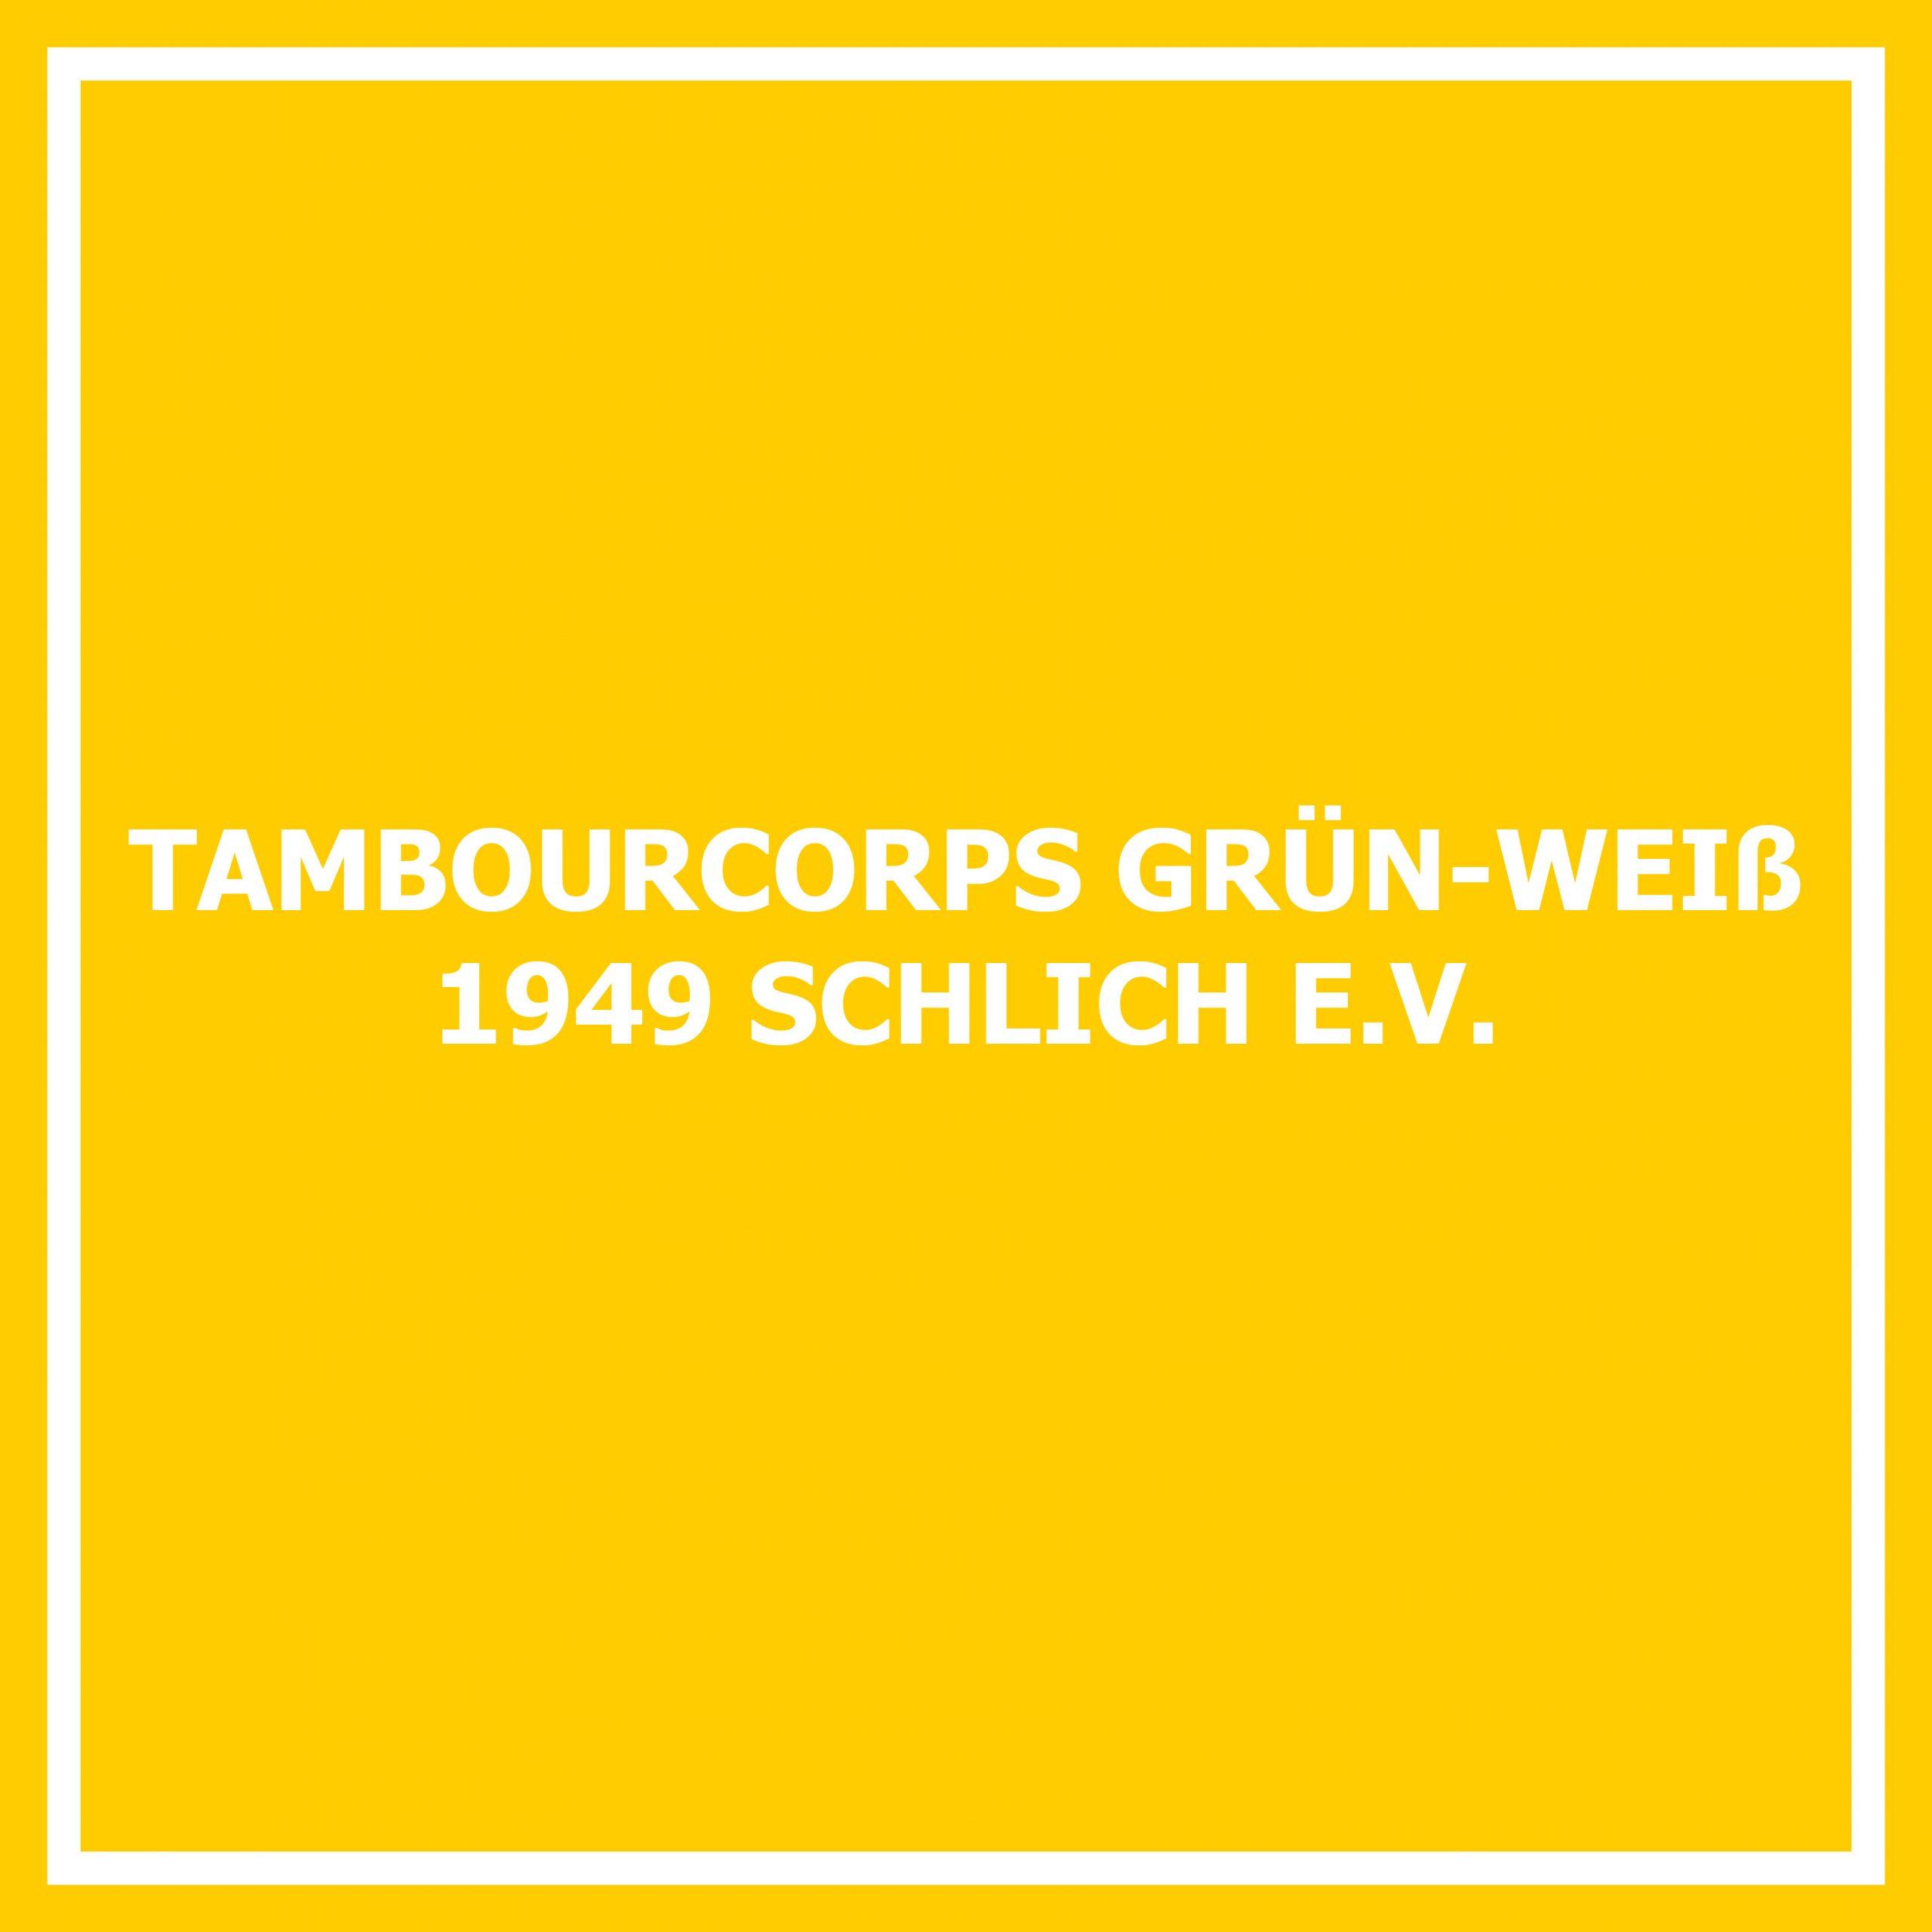 Tambourcorps Grün-Weiß 1949 Schlich e. V.